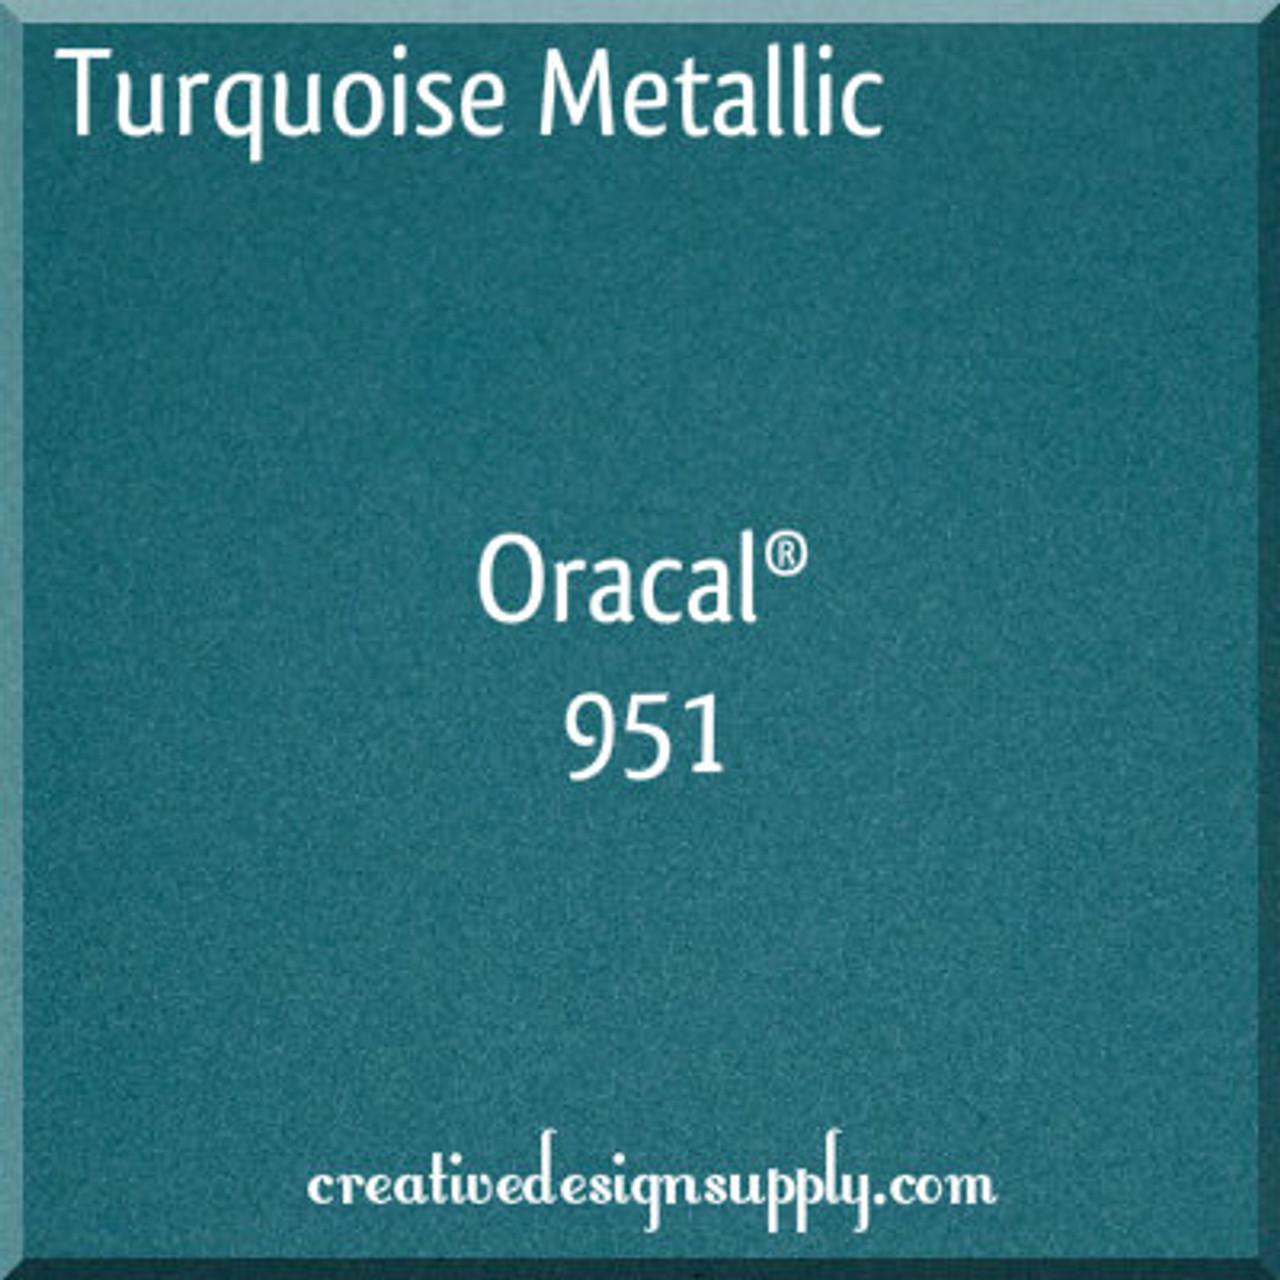 Turquoise Metallic Oracal 951 15